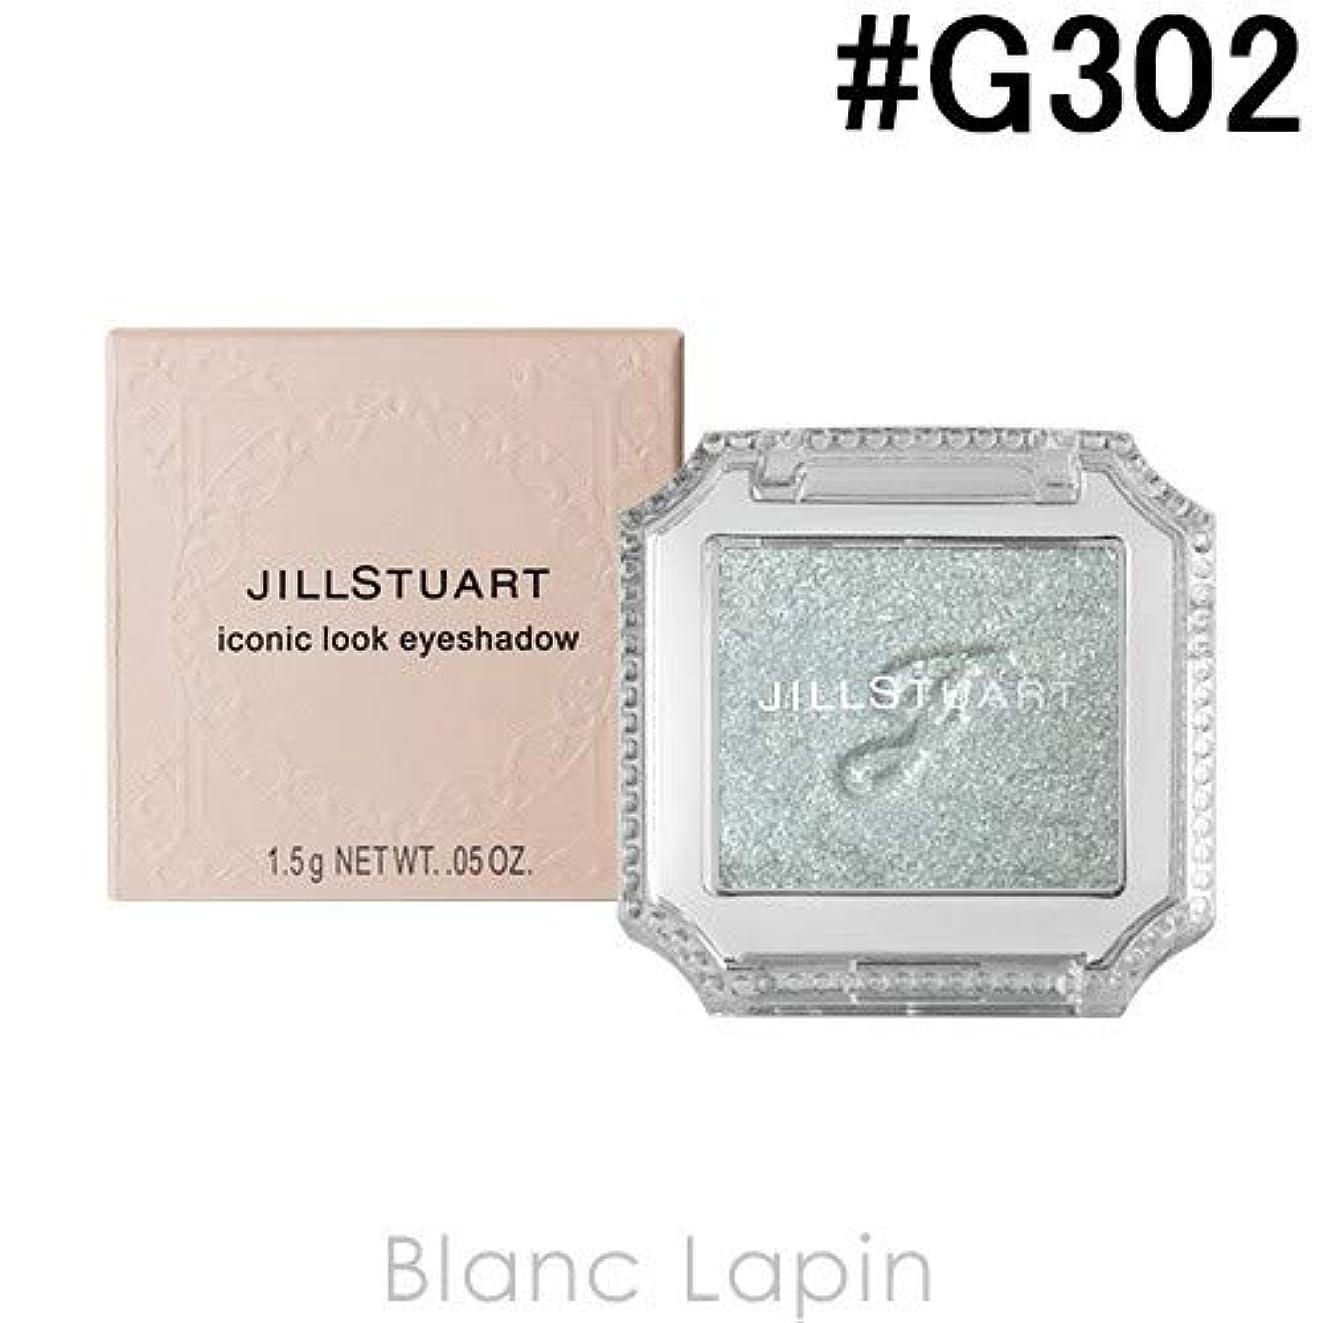 ジルスチュアート JILL STUART アイコニックルックアイシャドウ #G302 my darling 1.5g